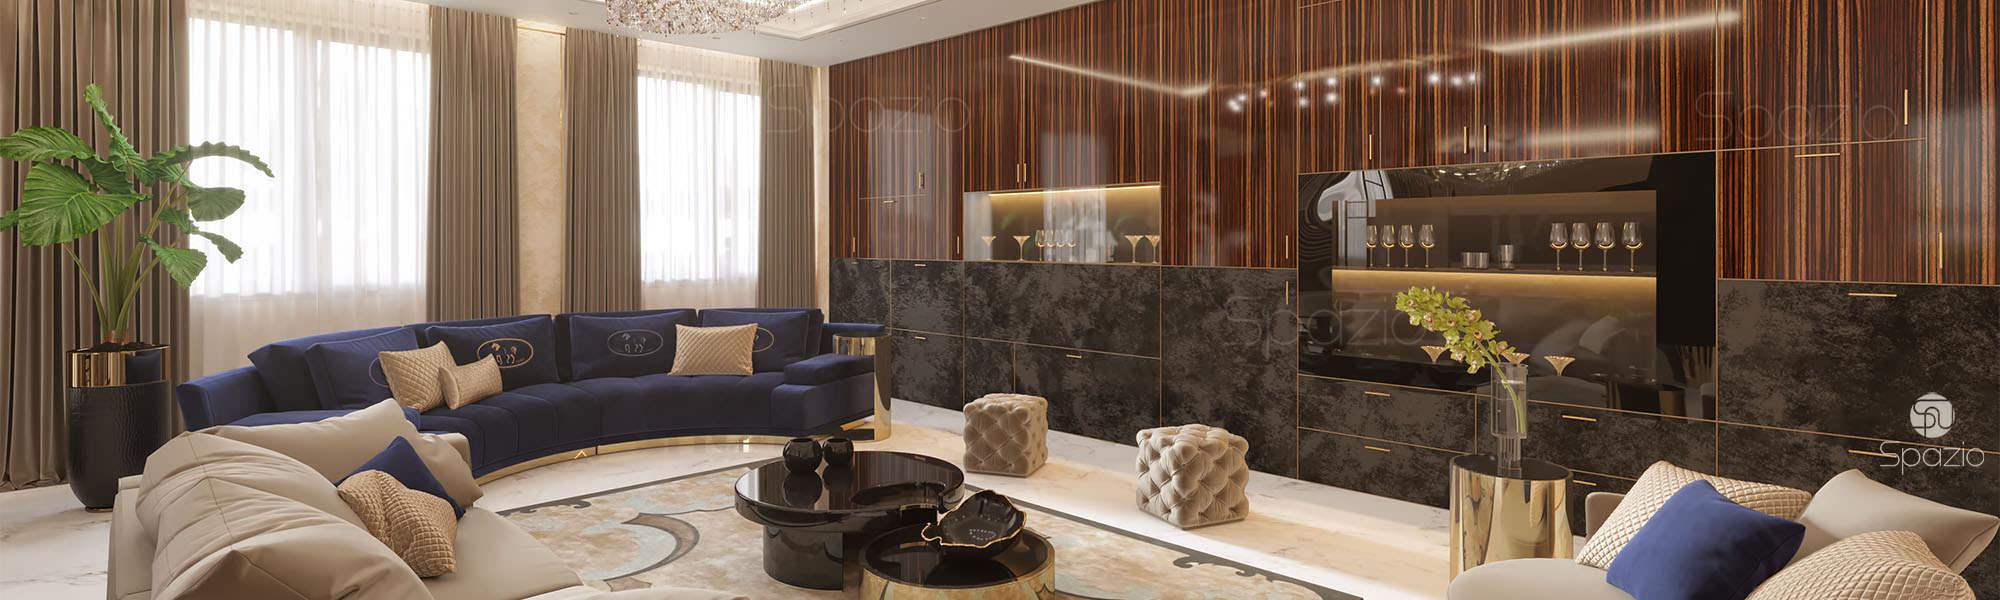 Современный дизайн гостинной